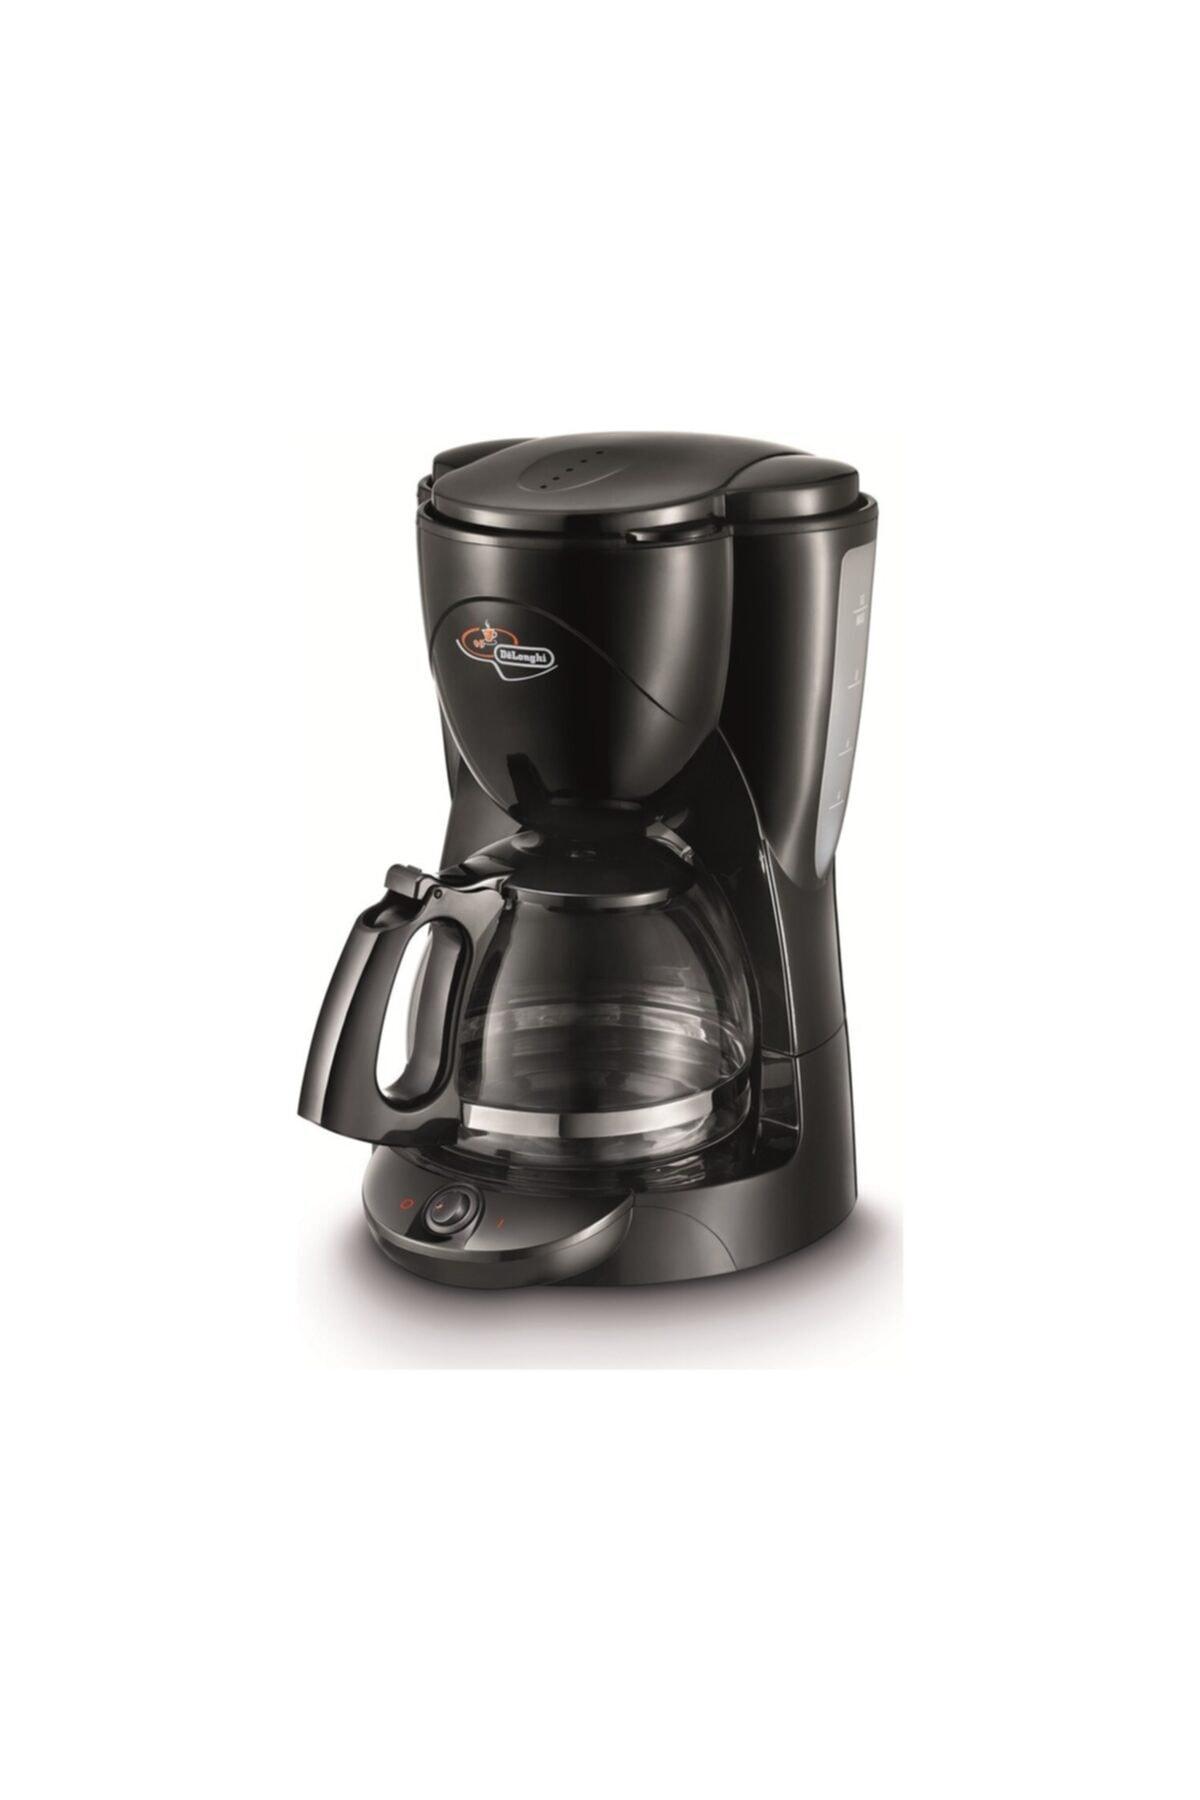 Icm2.1b Filtre Kahve Makinesi